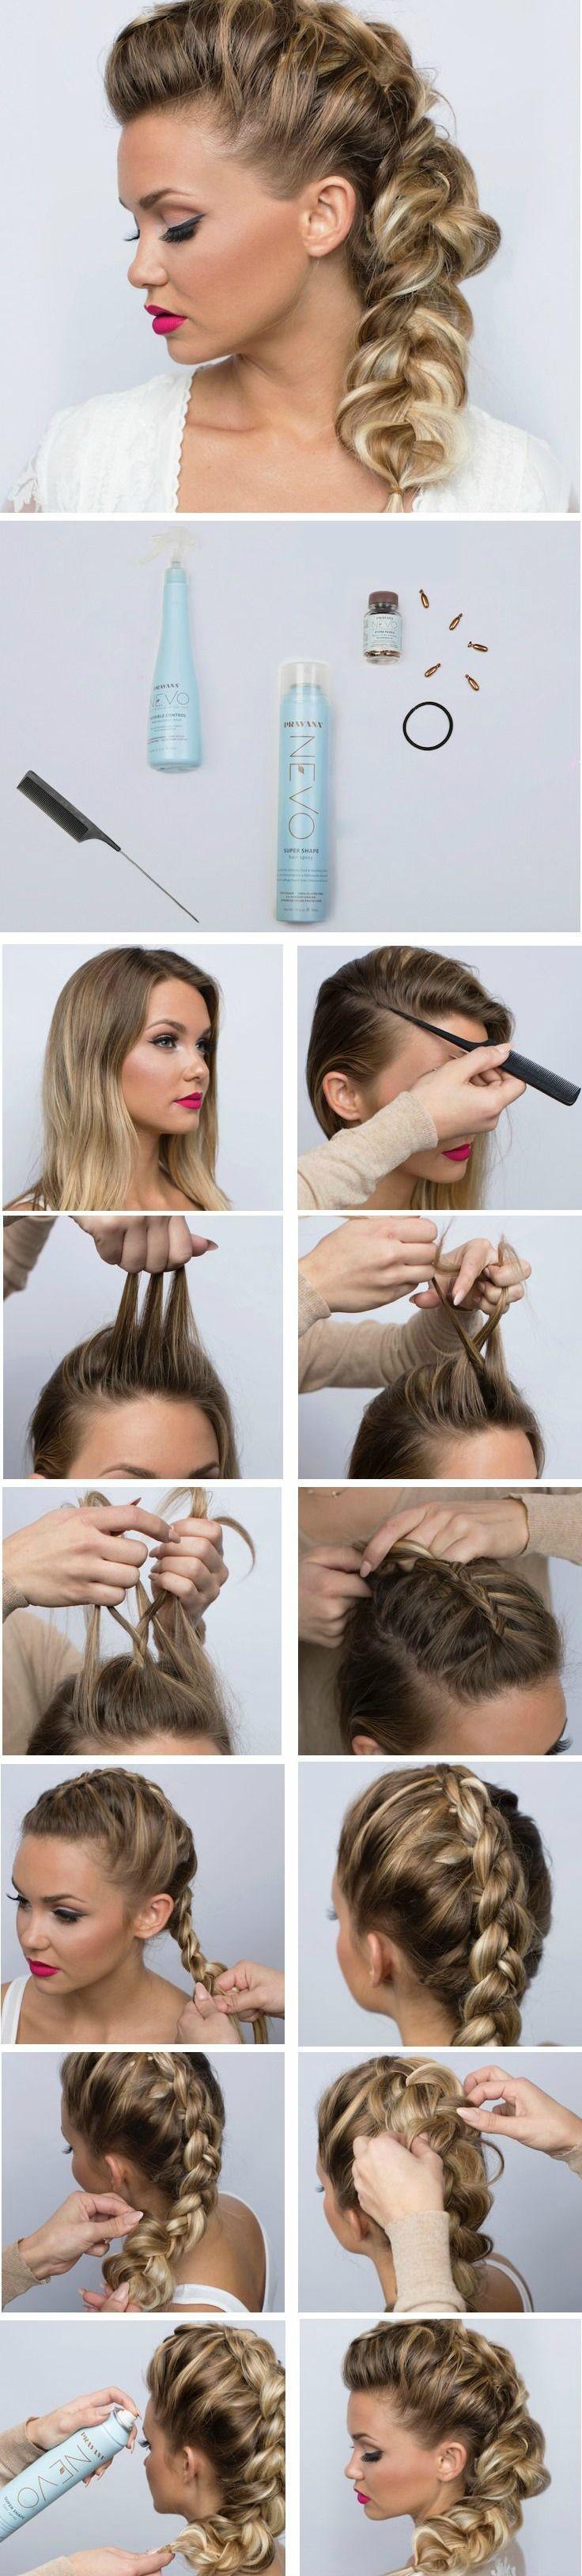 How To Fake a Fishbone Braid | That Hair | Pinterest ...